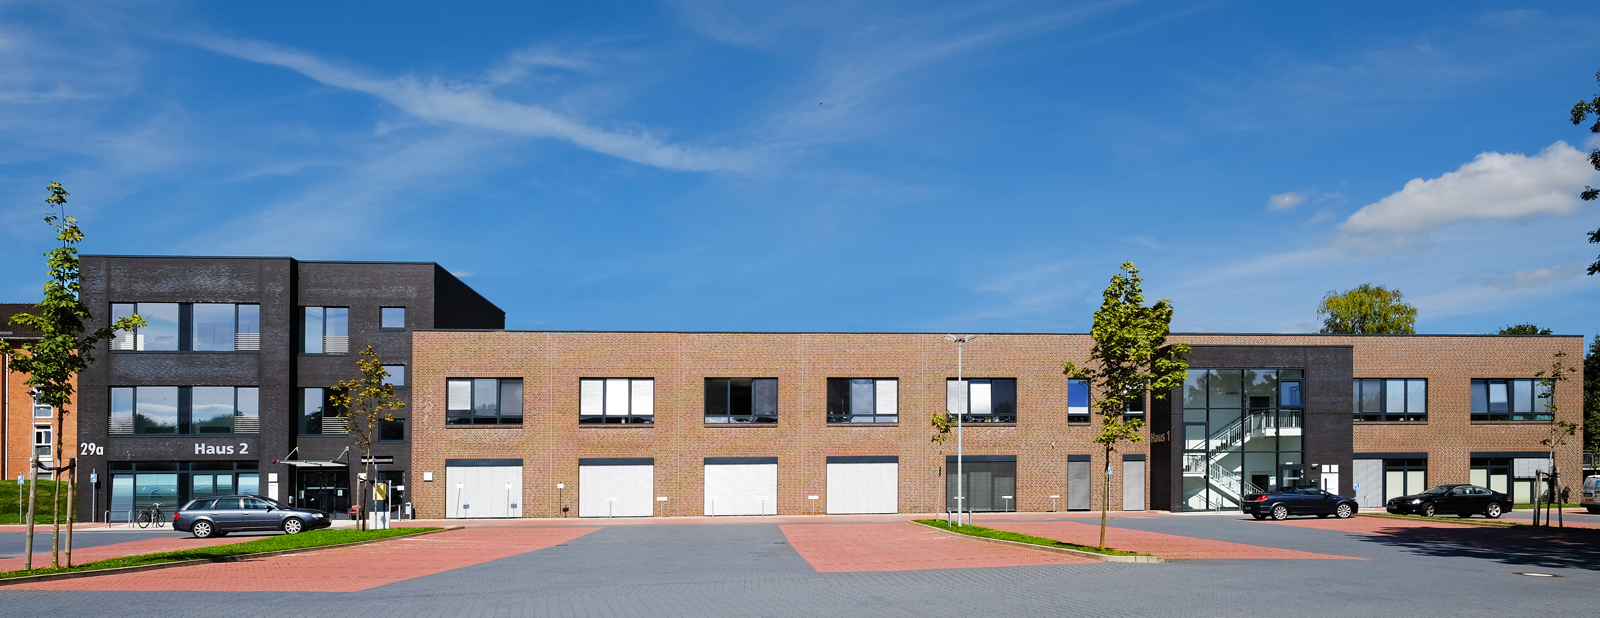 Ärztehaus a B (10)